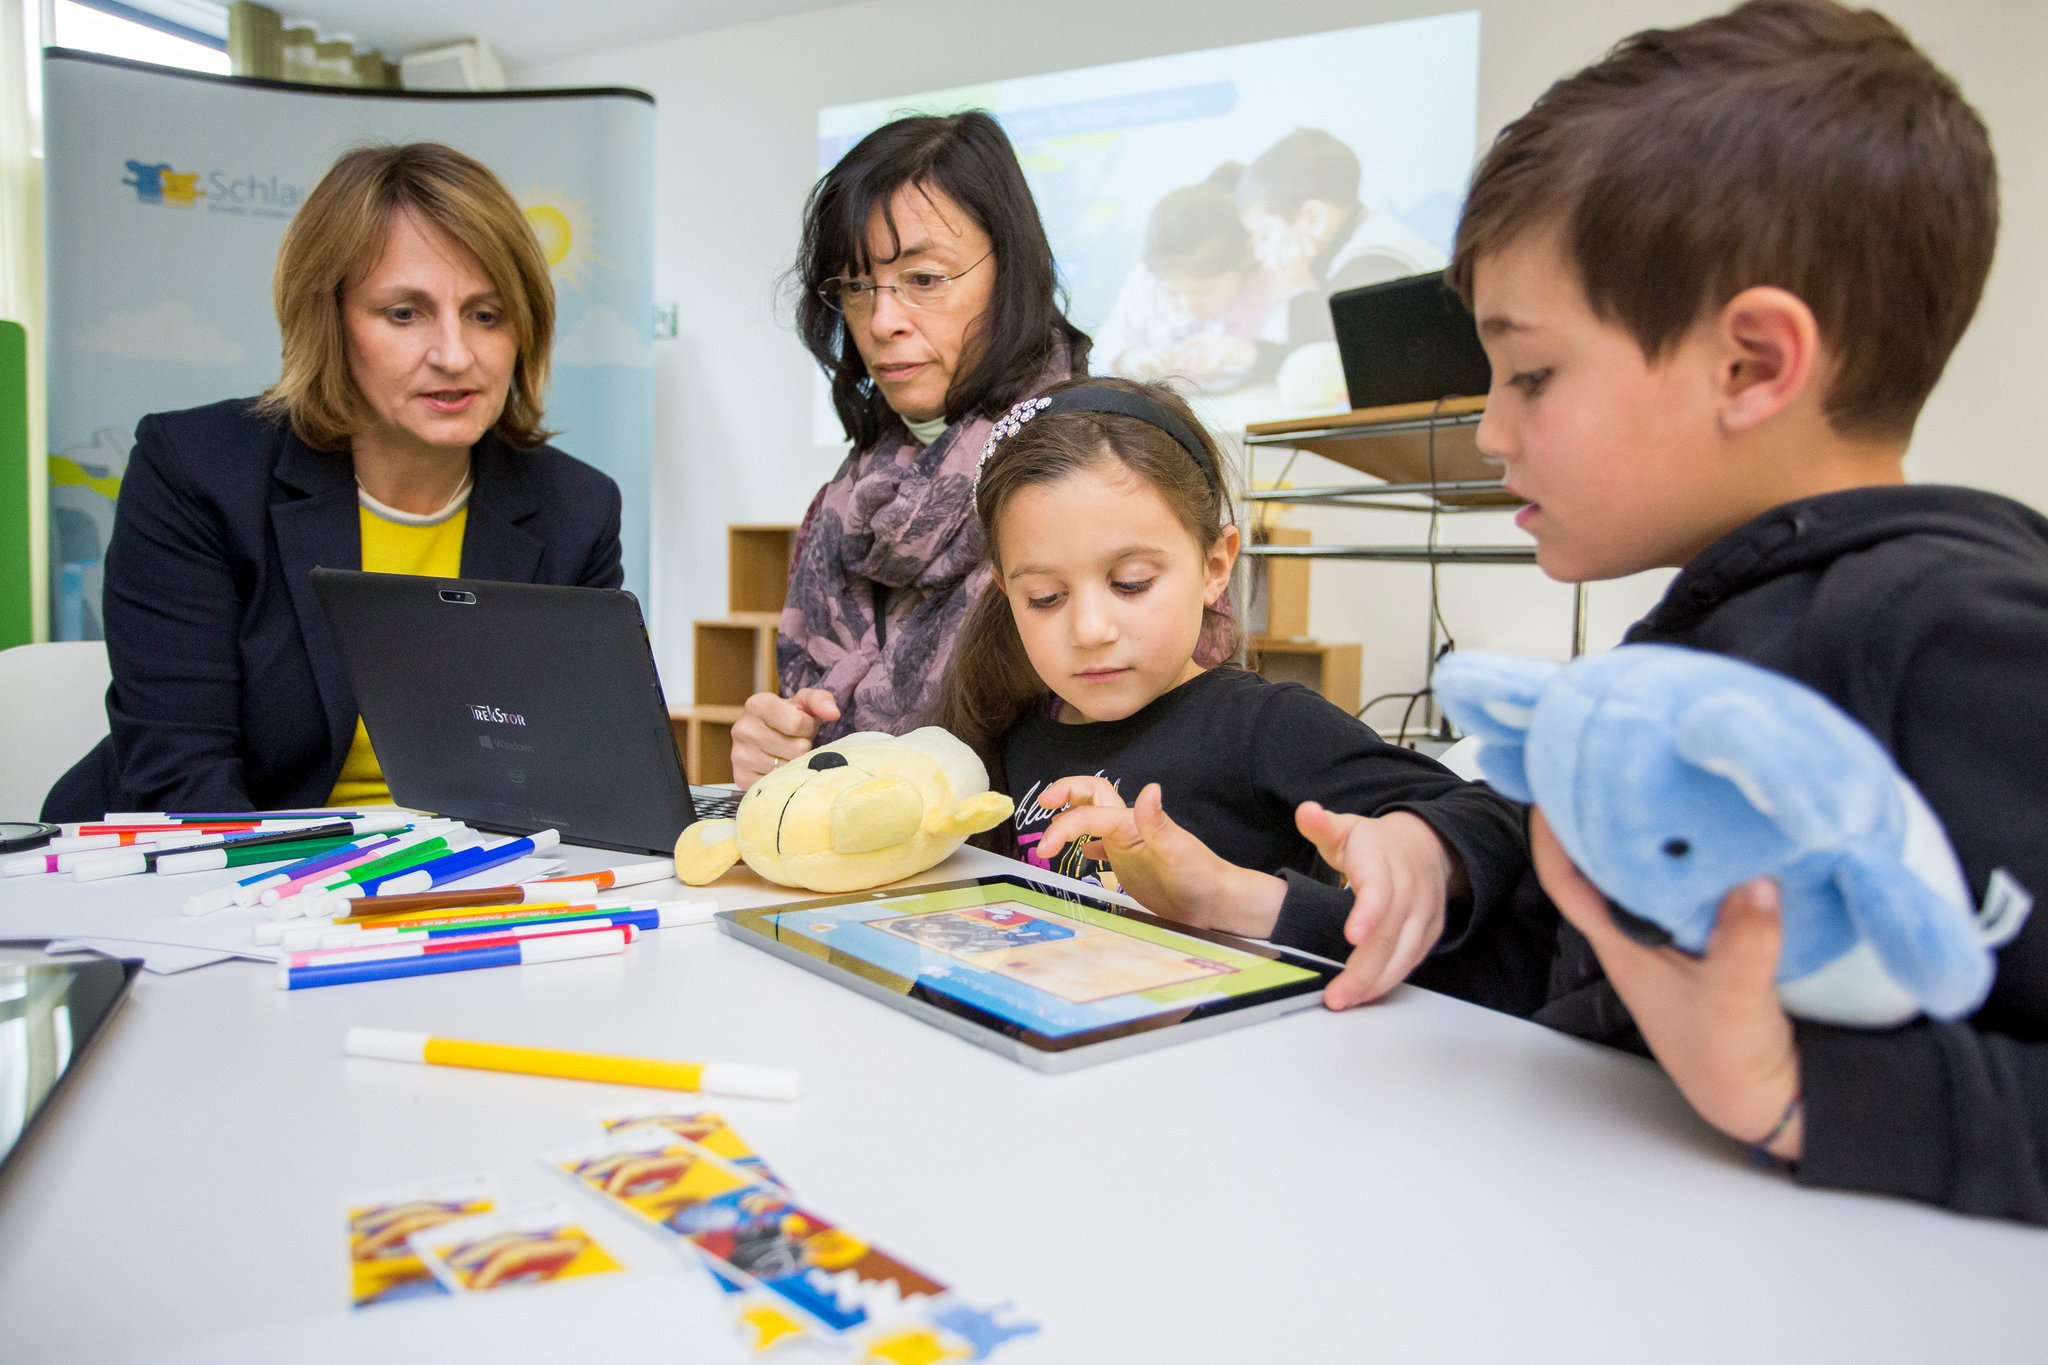 Die Microsoft-Initiative #Schlaumäuse unterstützt bundesweit Integrationsarbeit für Kinder: https://t.co/5wPNIpUYhJ #besserlernen https://t.co/HbdnWOOjiR